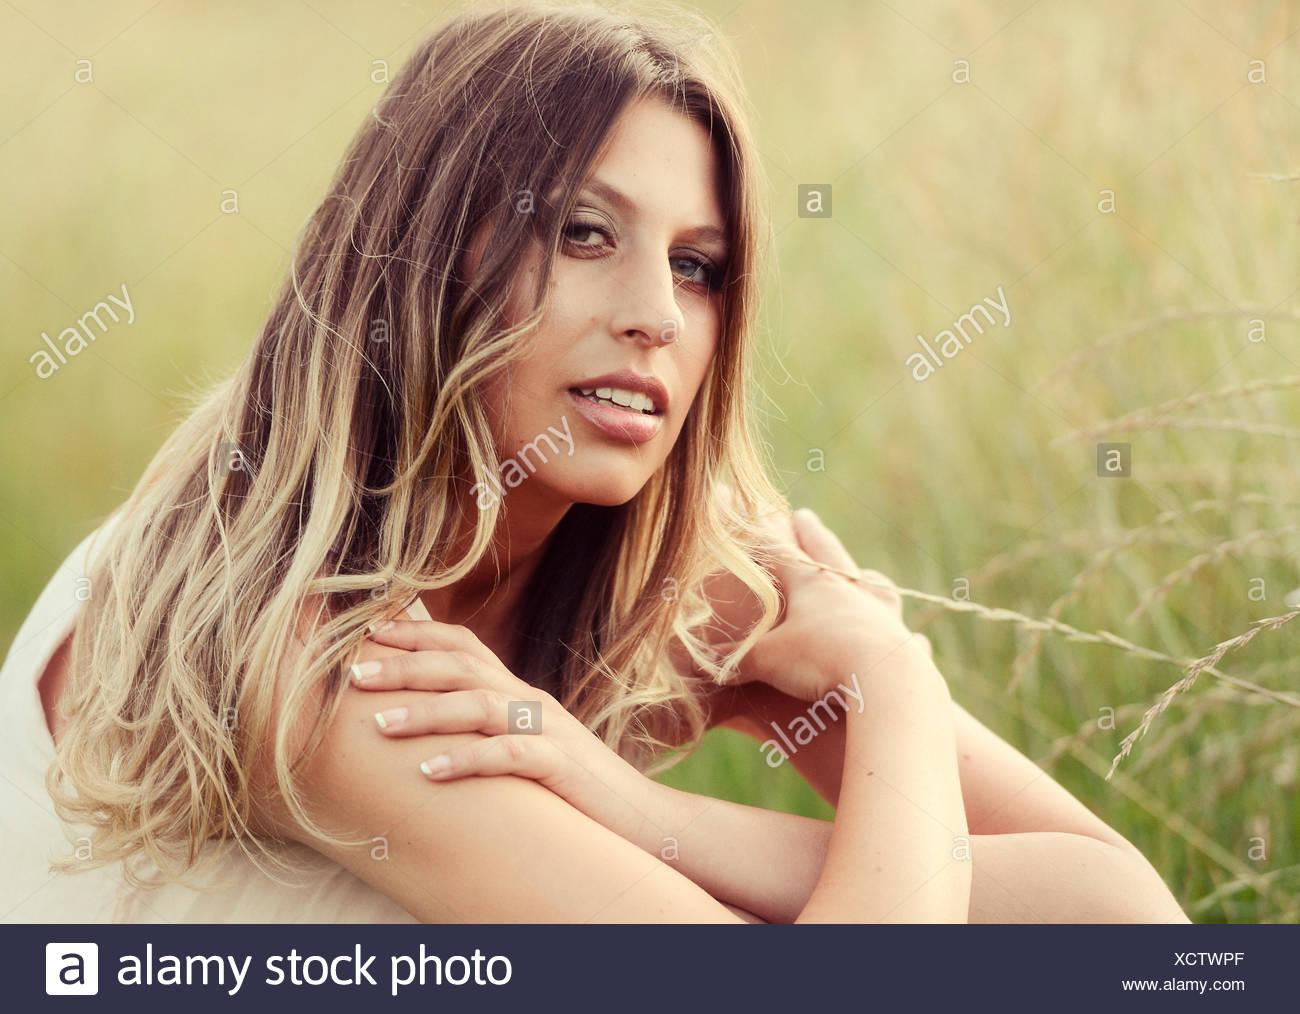 Junge Hübsche Frau Mit Langen Haaren Und Blauen Augen Sitzen Auf